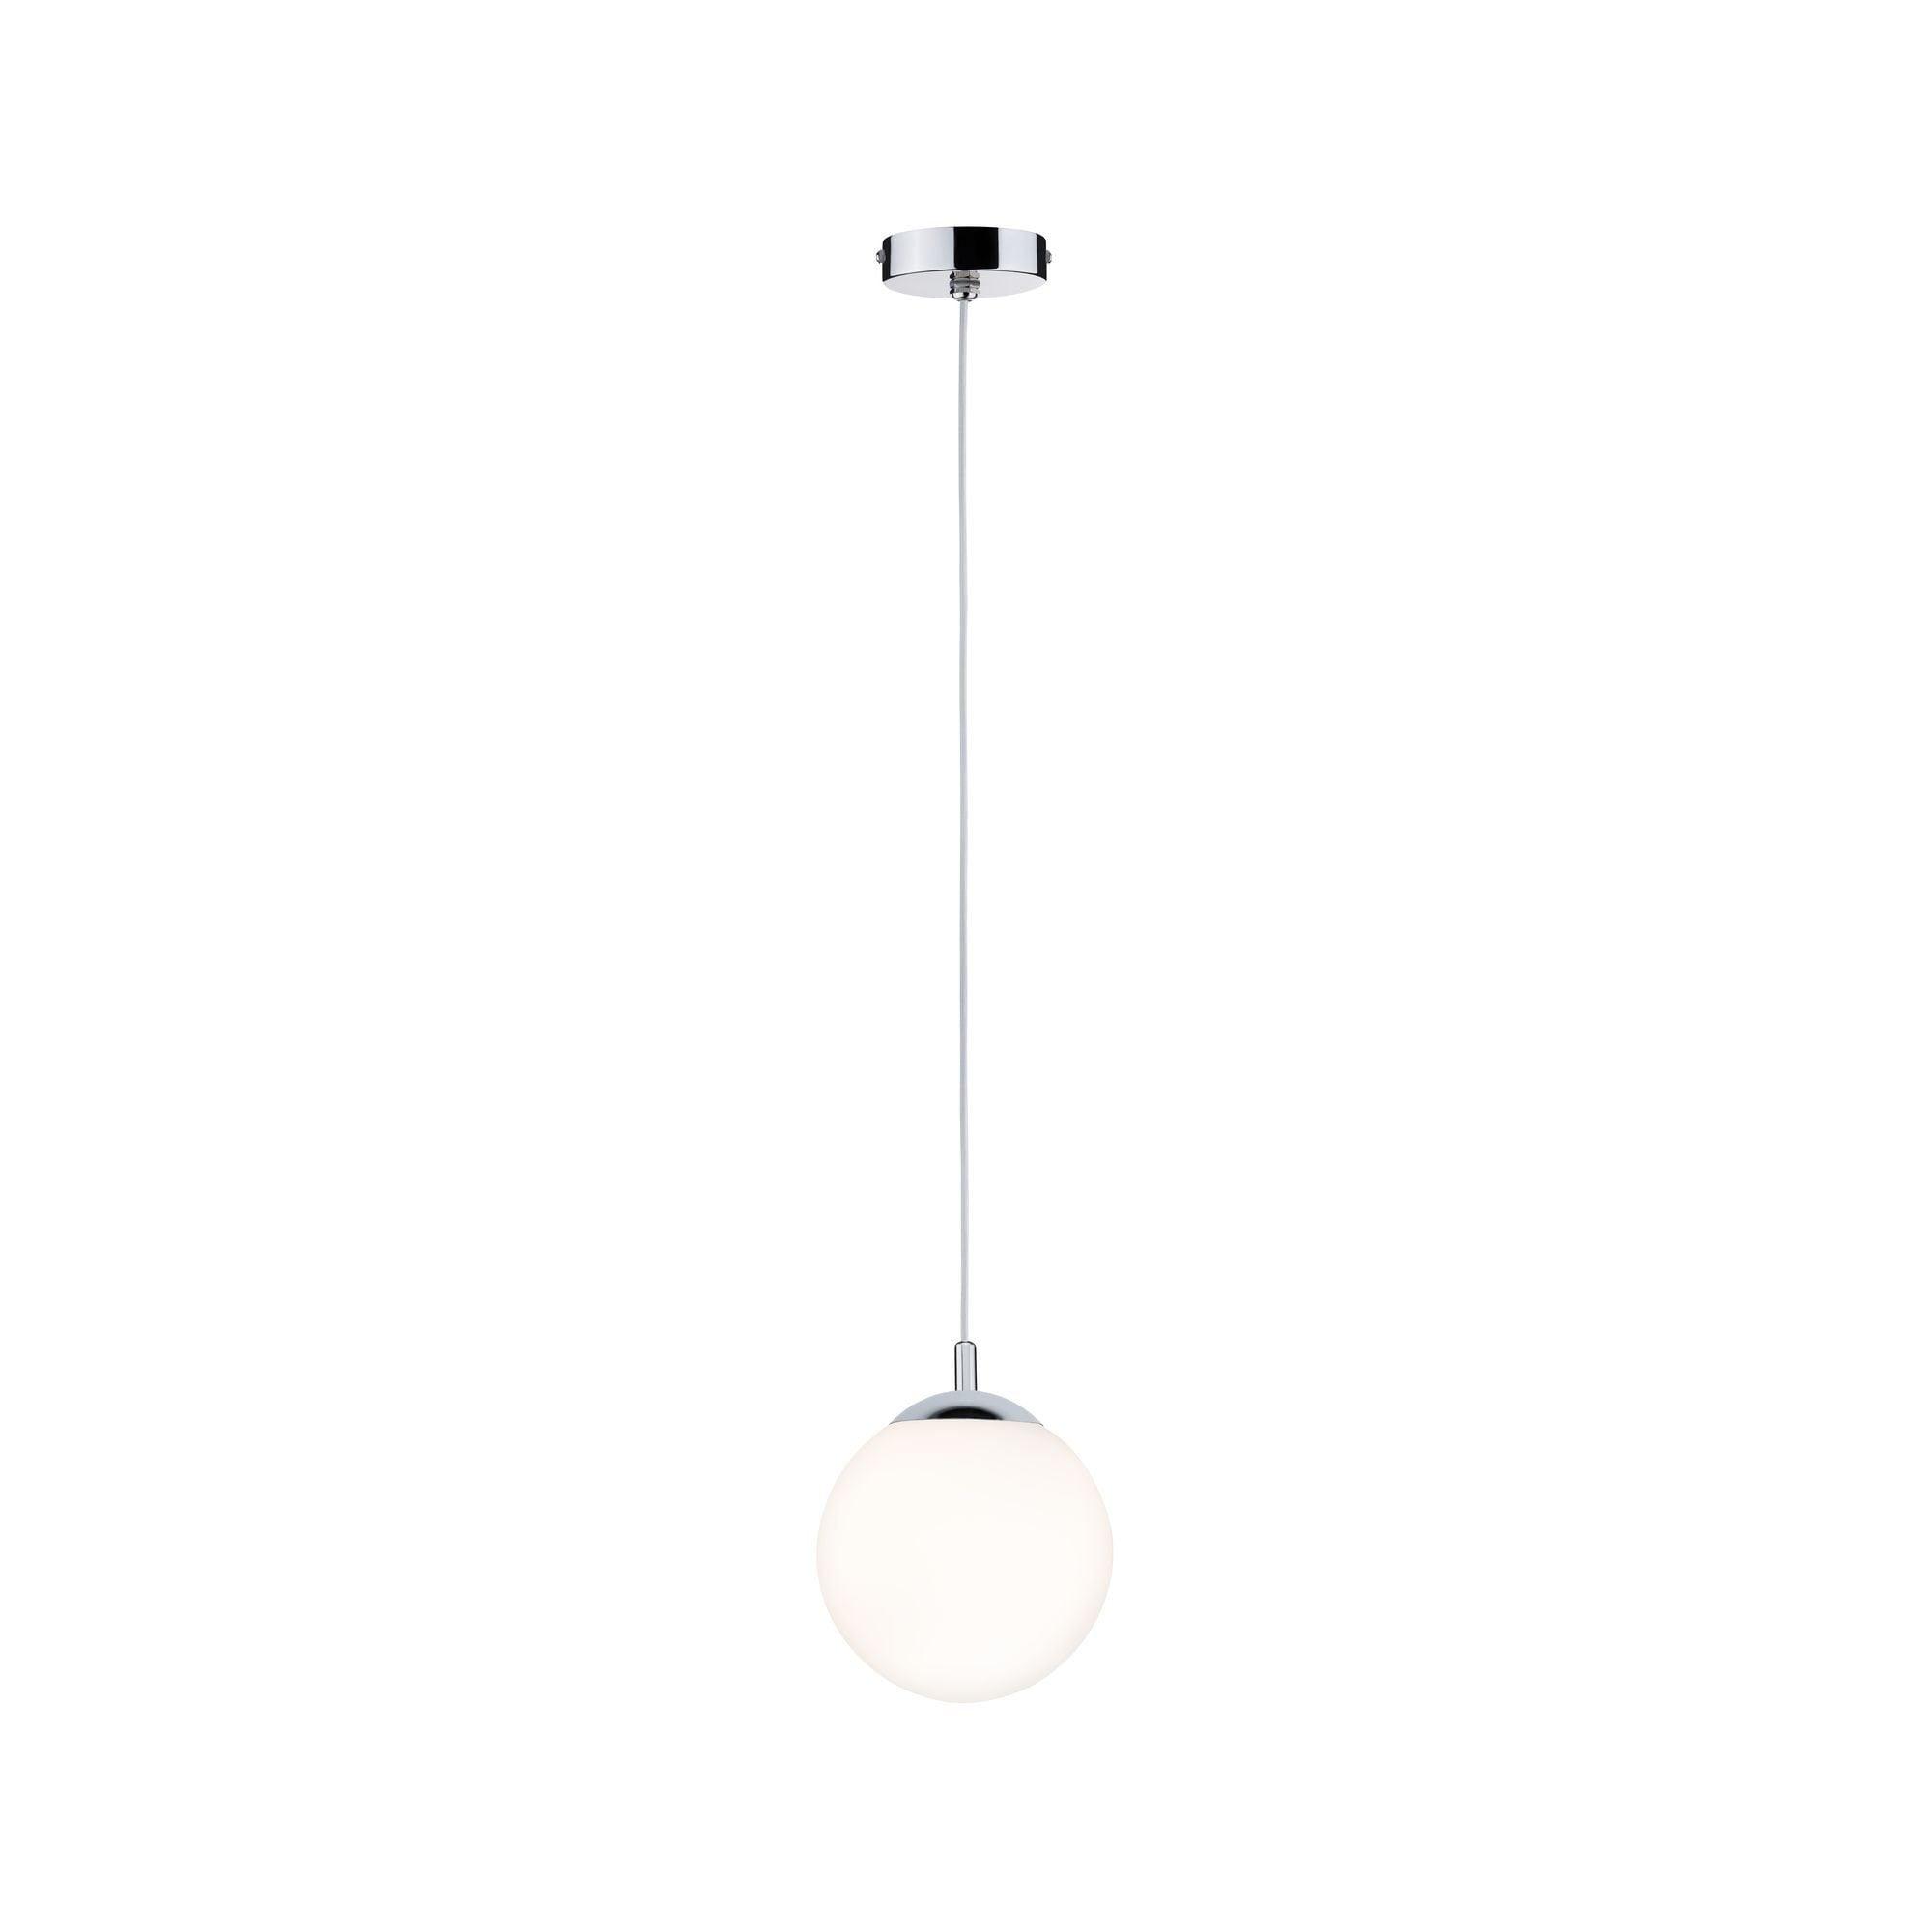 Paulmann LED Pendelleuchte Globe Satin/Chrom max. 20W E27, E27, 1 St.